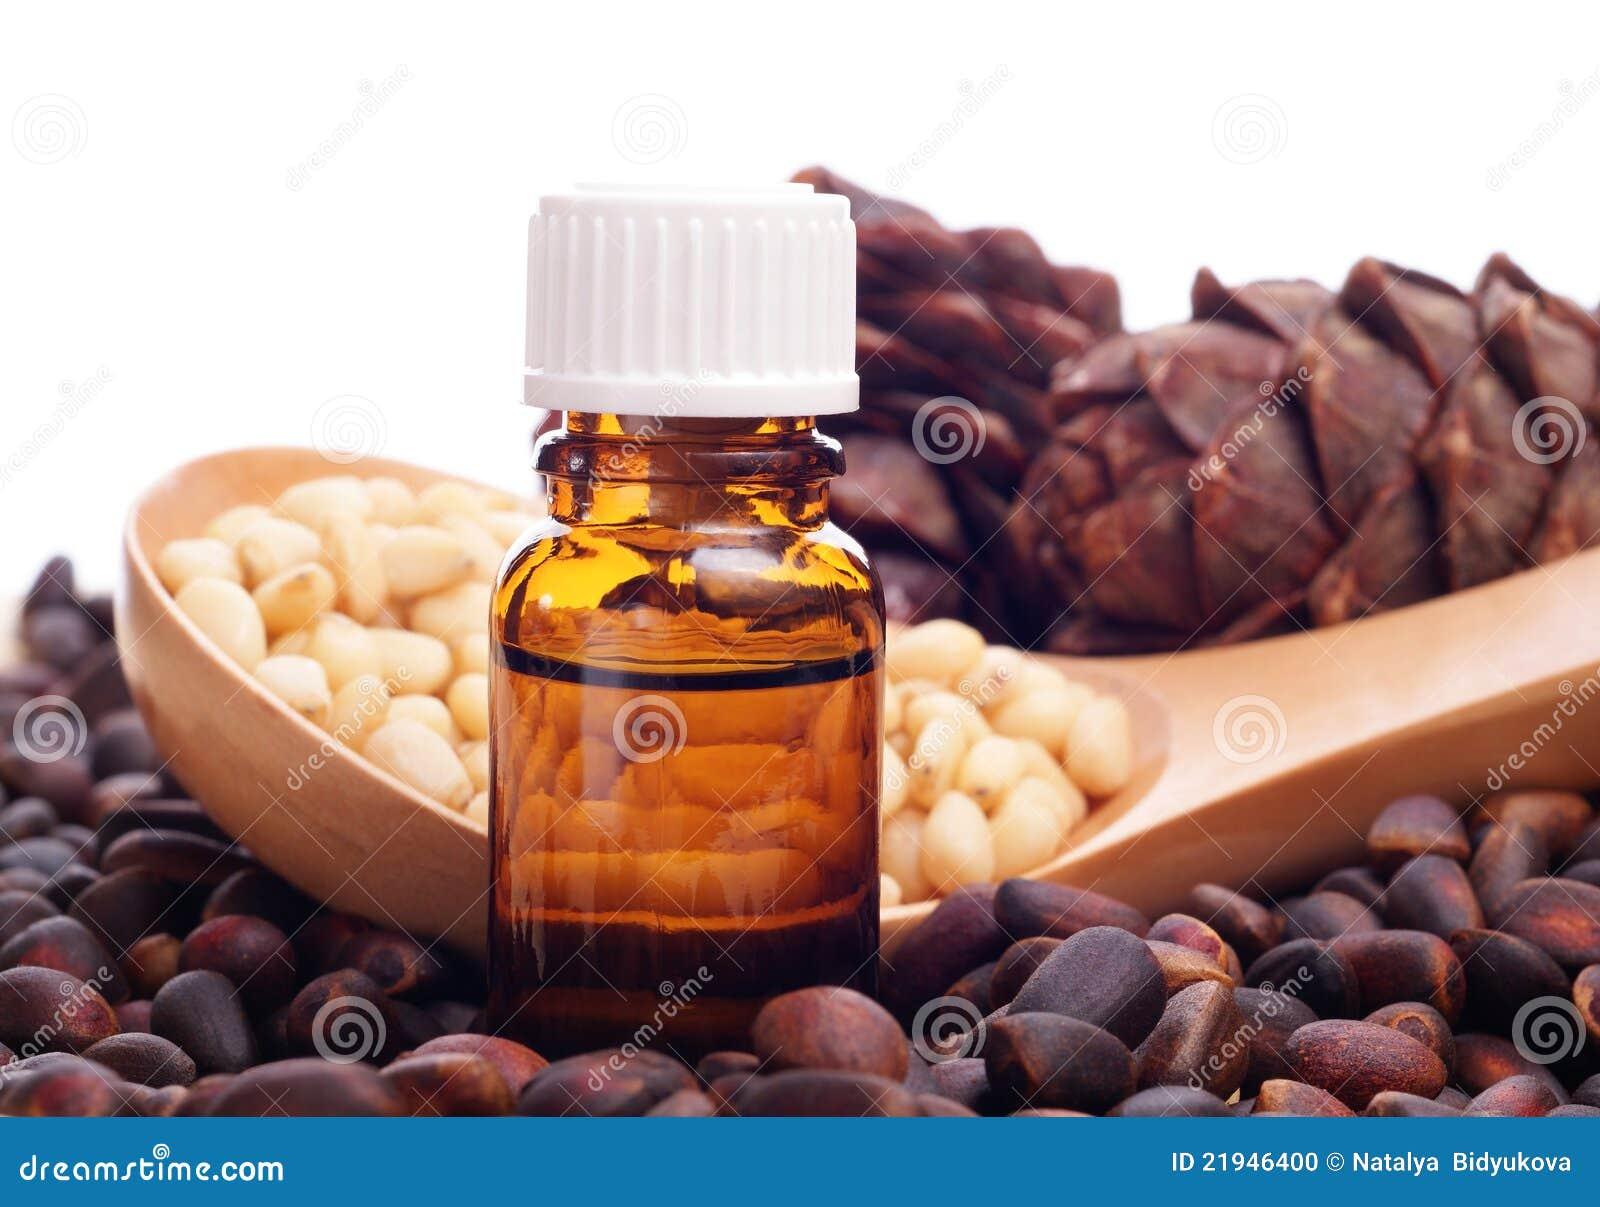 Масло кедрового ореха при беременности